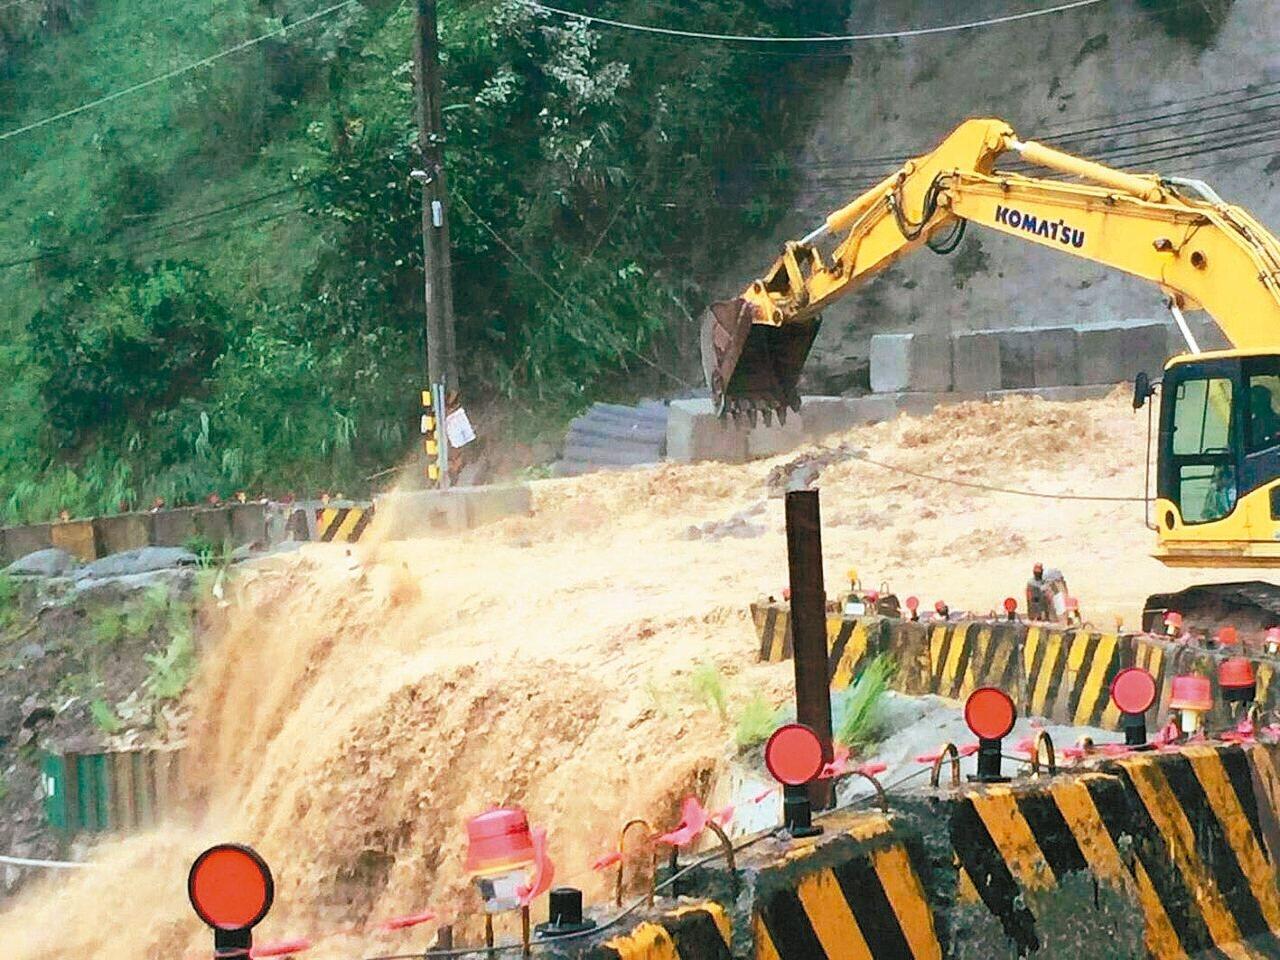 颱風災損大,台股災後及宅經濟概念股短線可望受惠。 圖/新北市消防局提供